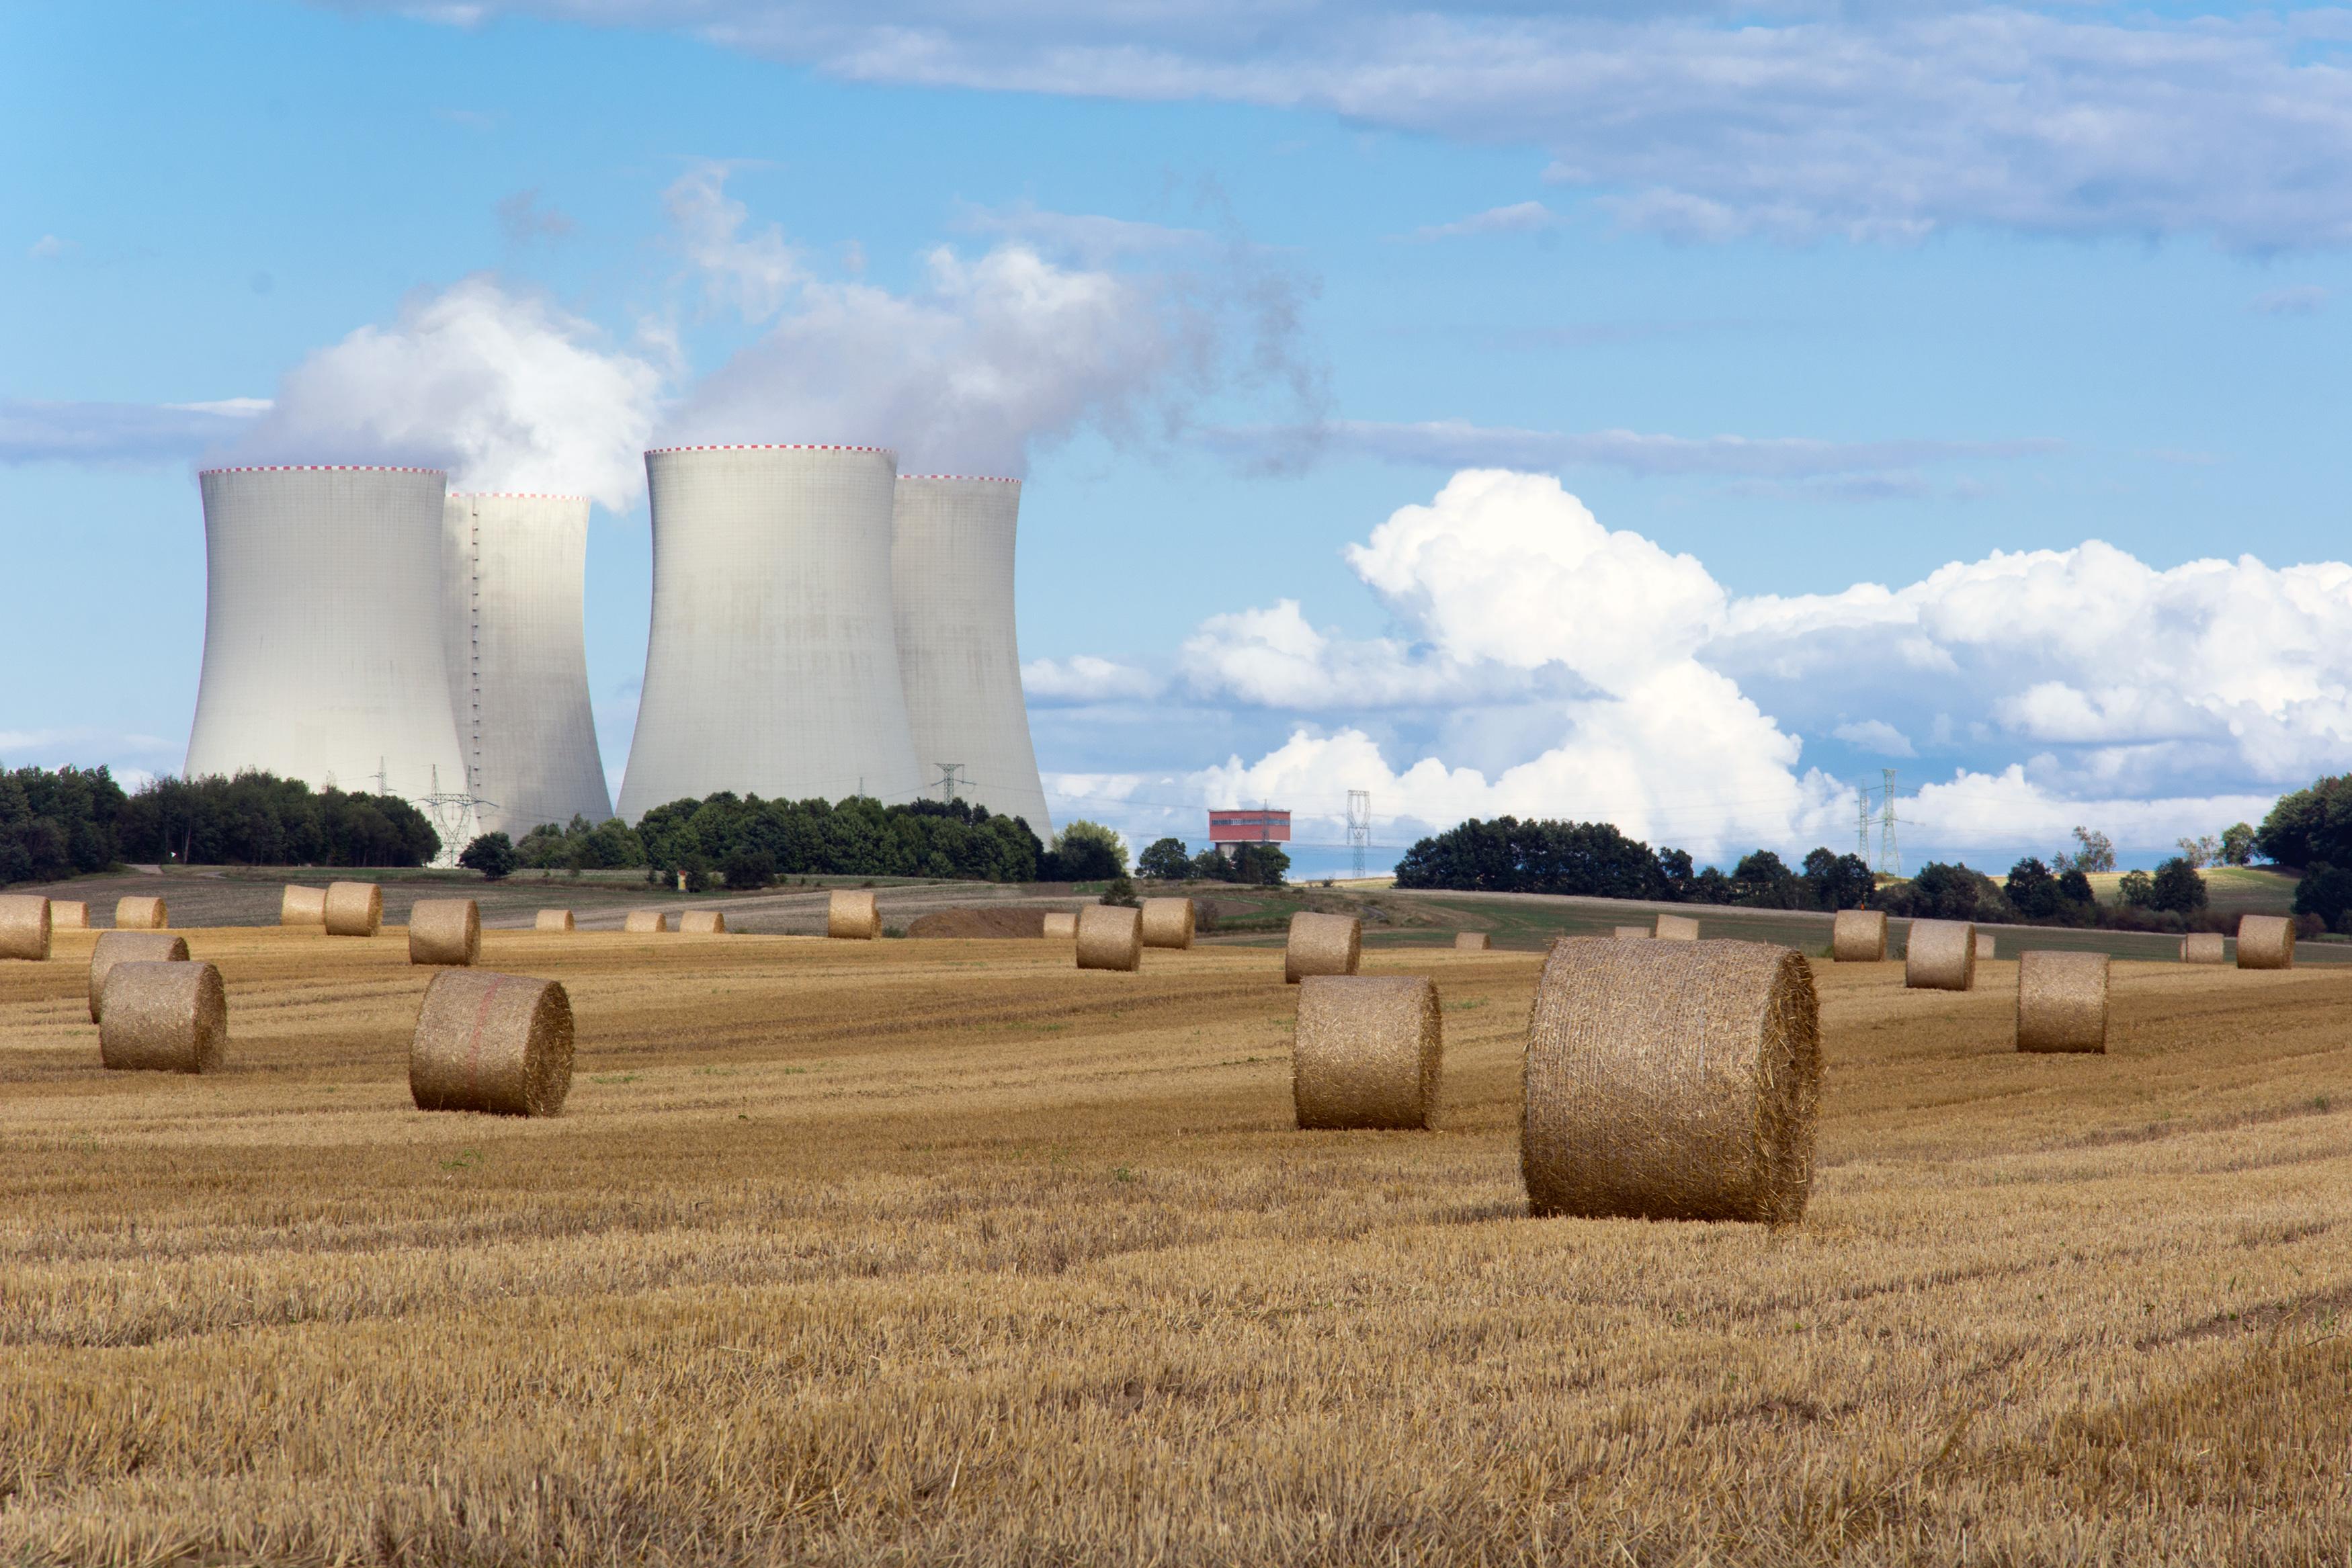 Čo by sa stalo s jadrovou elektrárňou, keby v nej nebola voda?